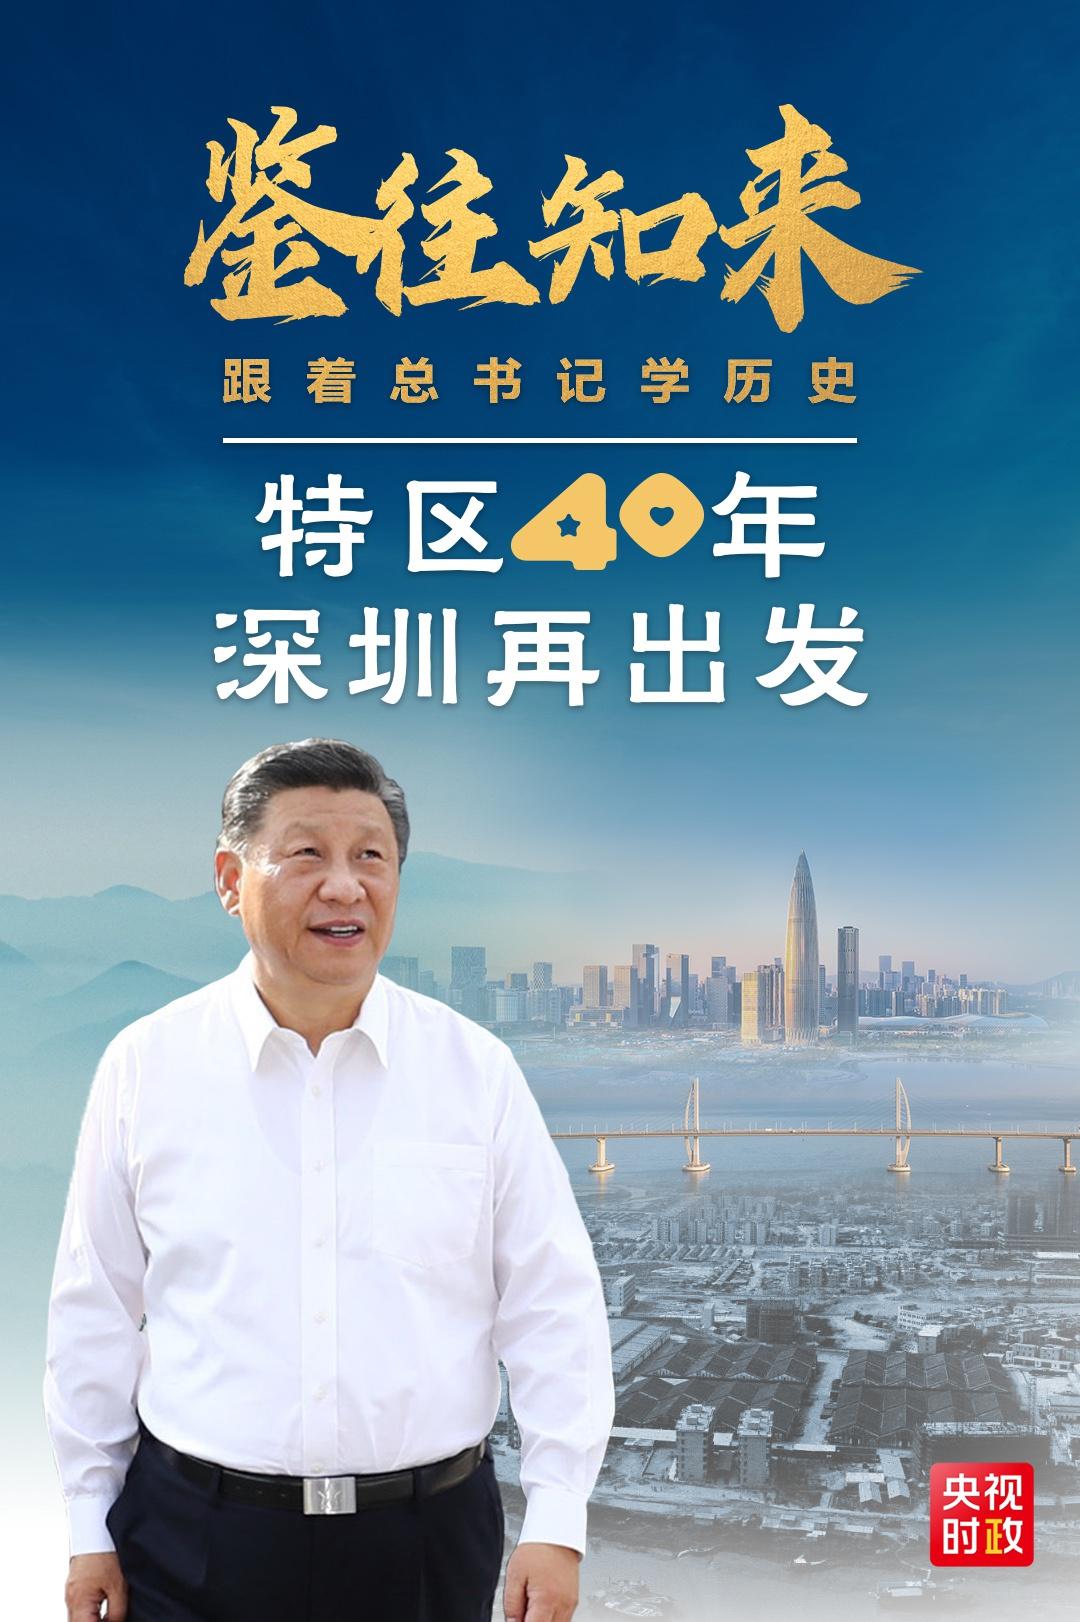 特区40年,深圳再出发图片